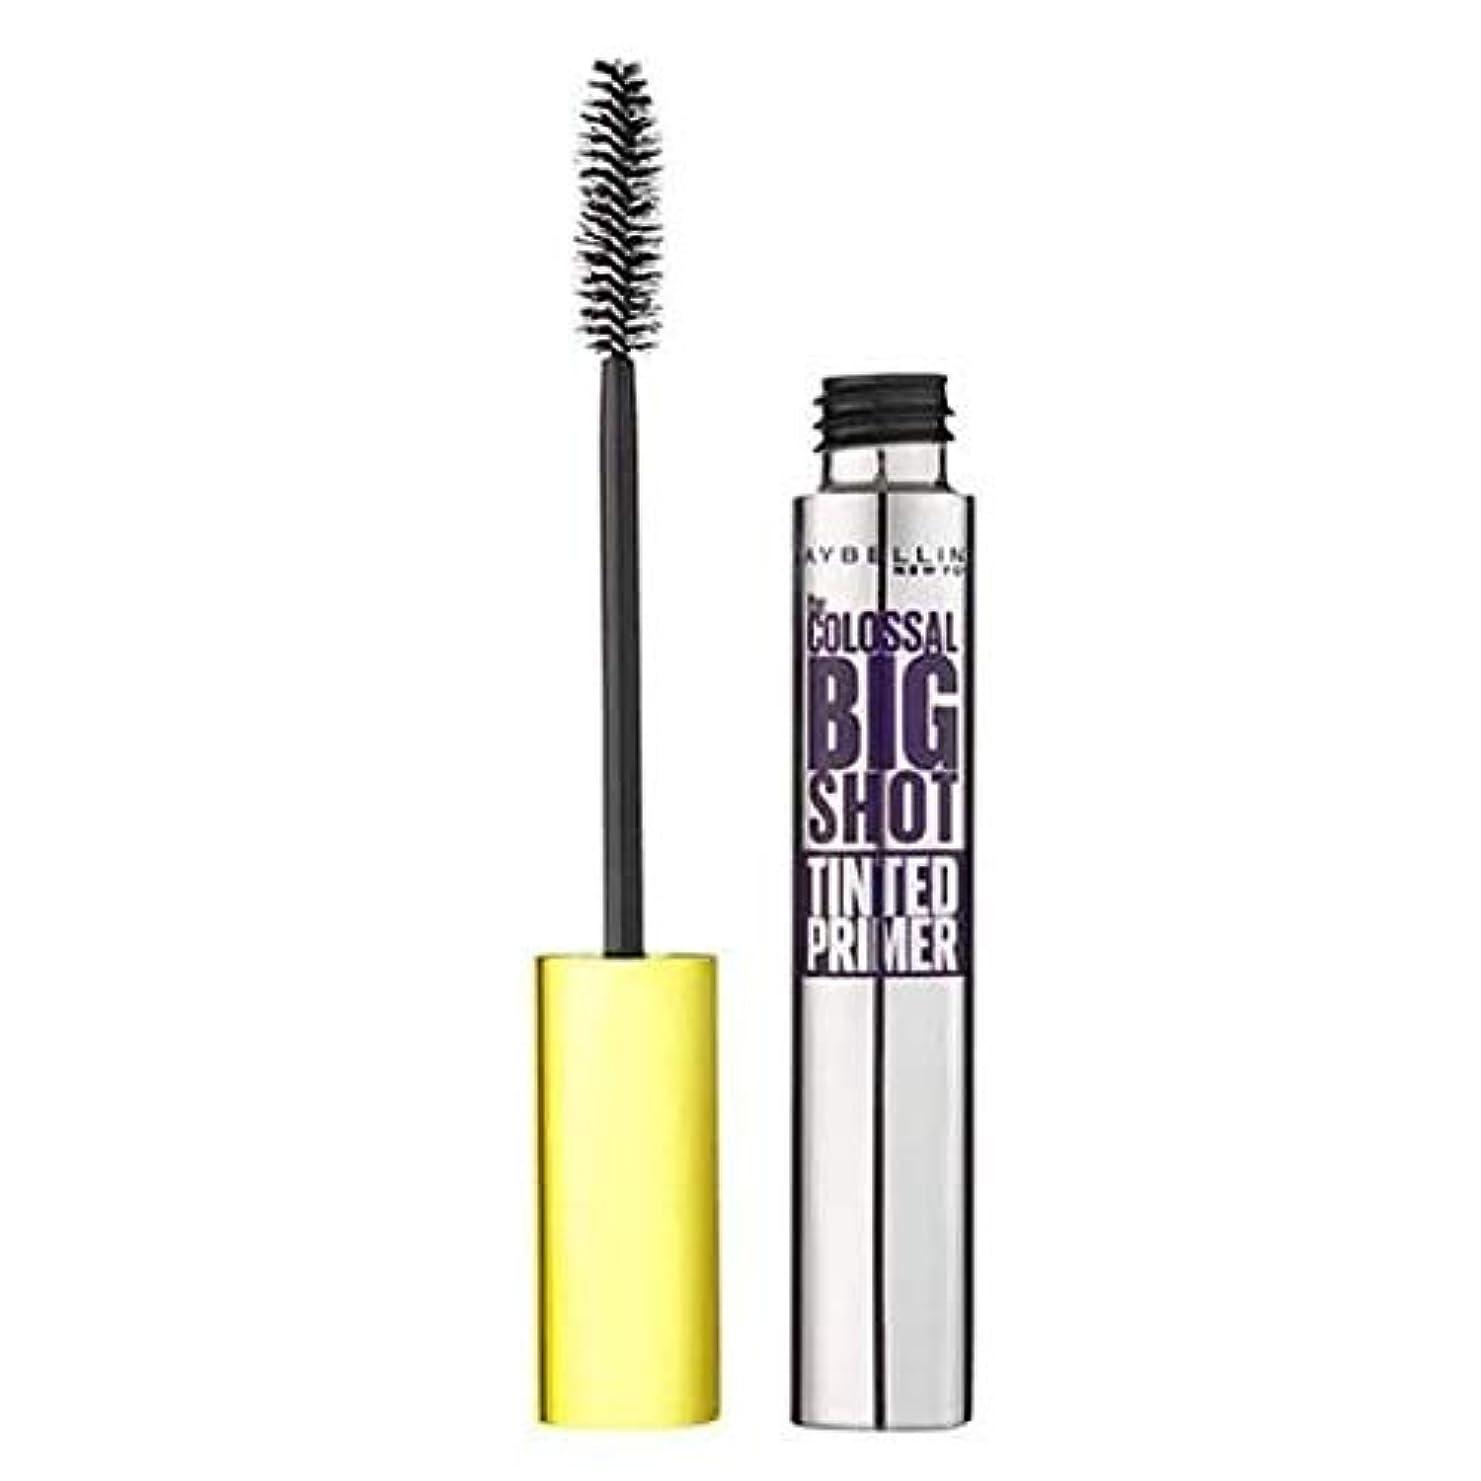 [Maybelline ] メイベリン大物まつげプライマー - Maybelline Big Shot Eyelash Primer [並行輸入品]